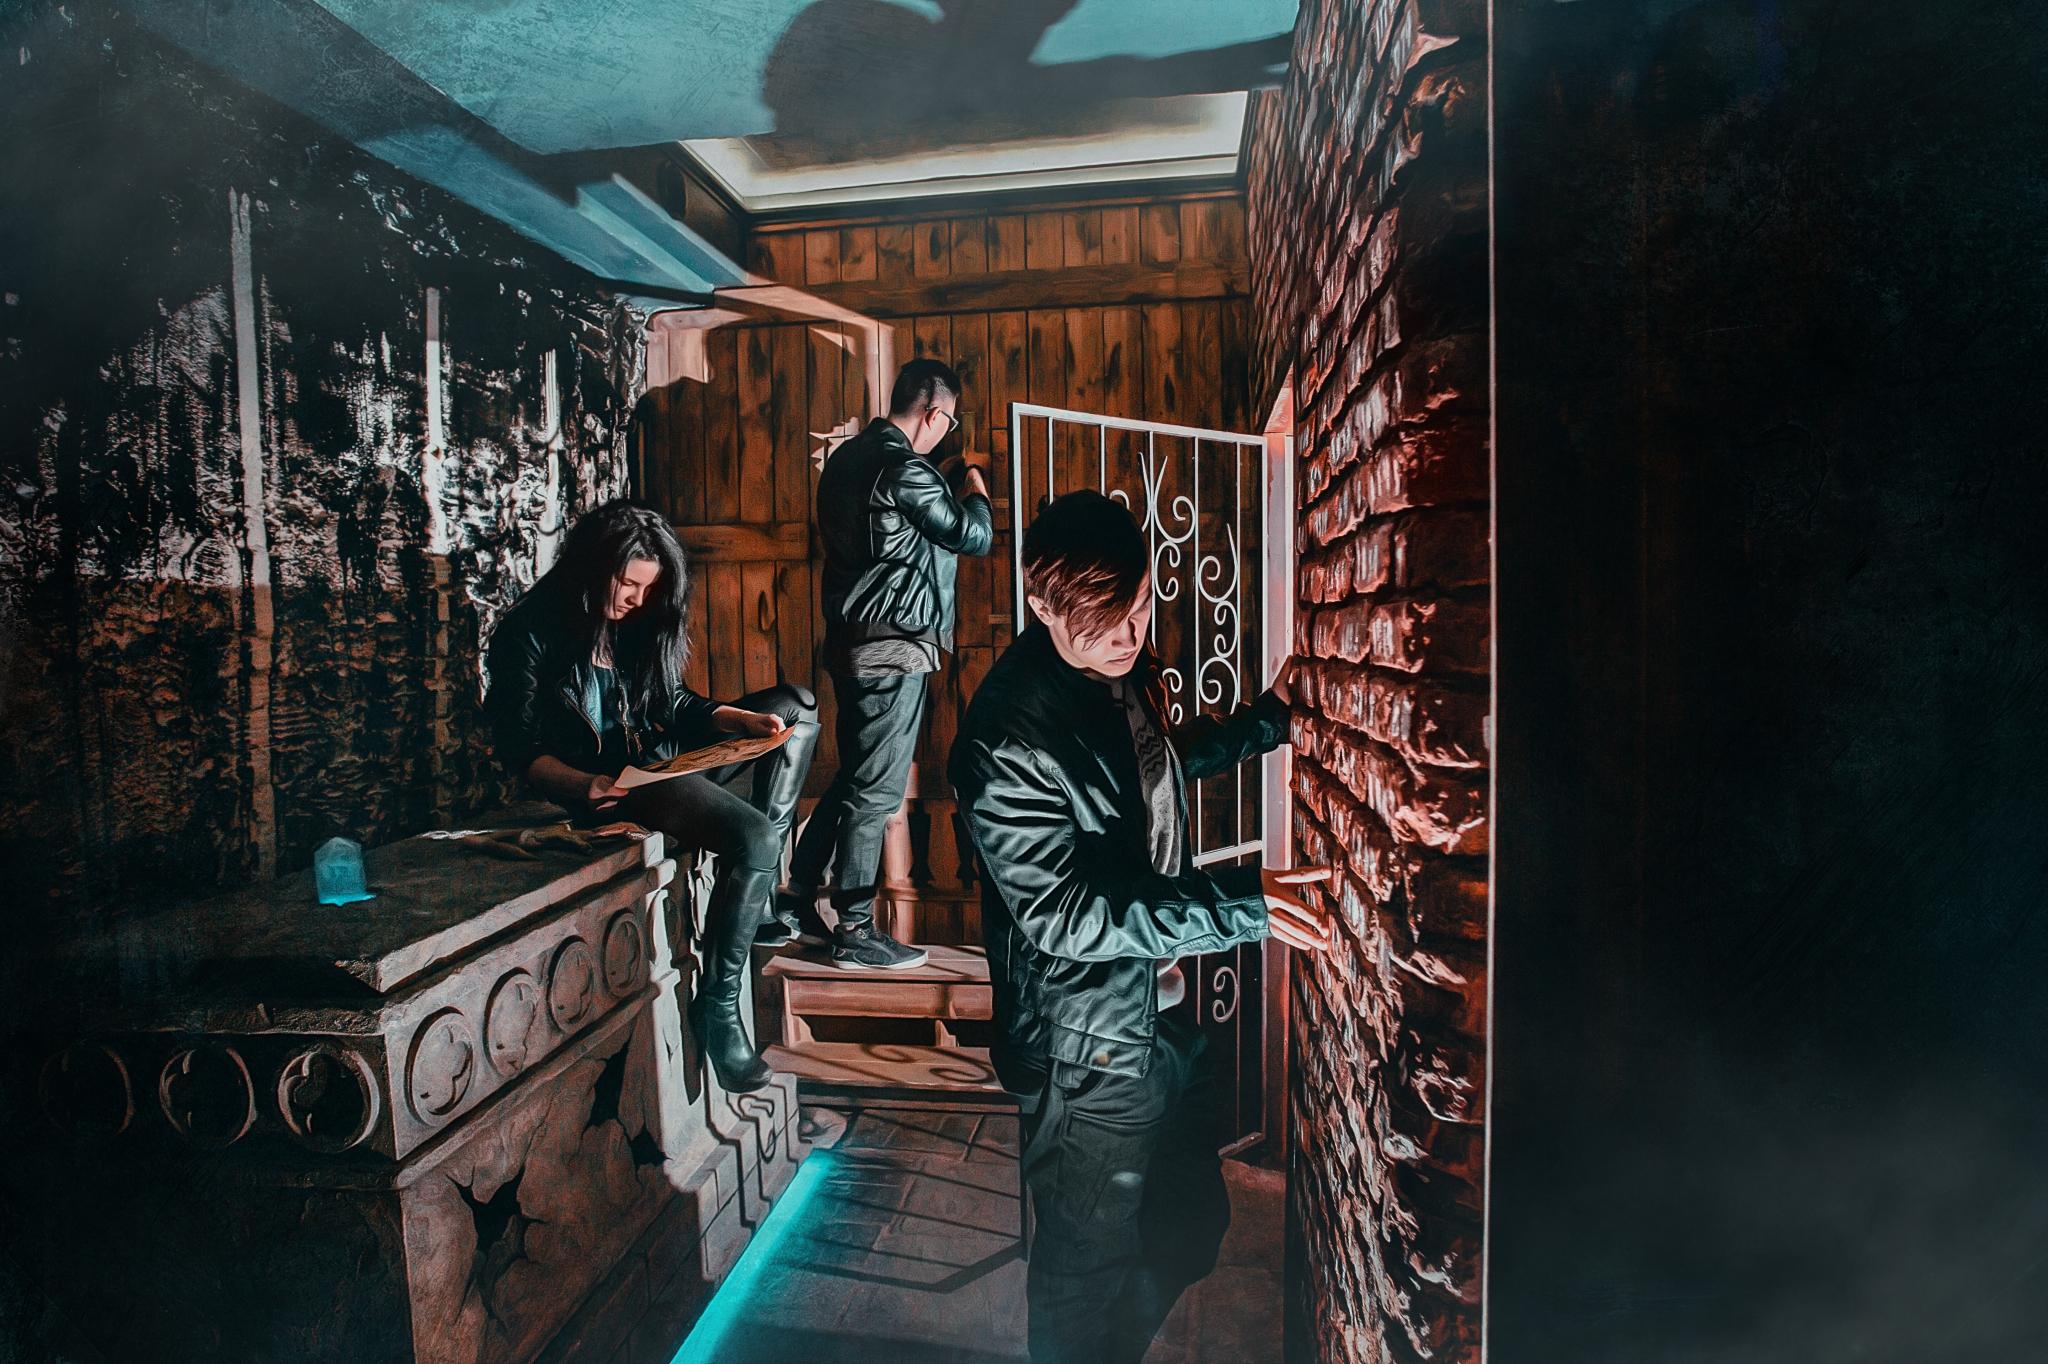 kvest-podzemnoe-kazino-otzivi